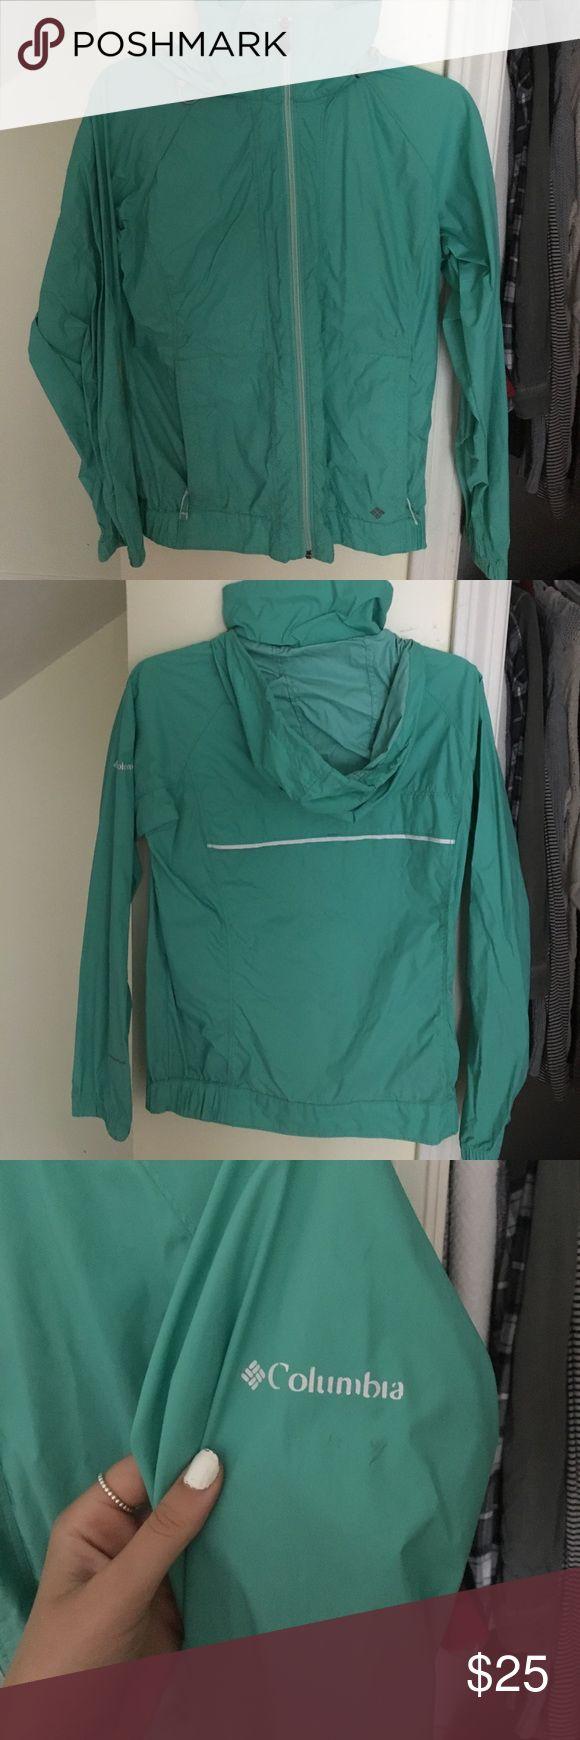 Columbia rain coat Greenish teal Columbia rain coat size S Columbia Jackets & Coats